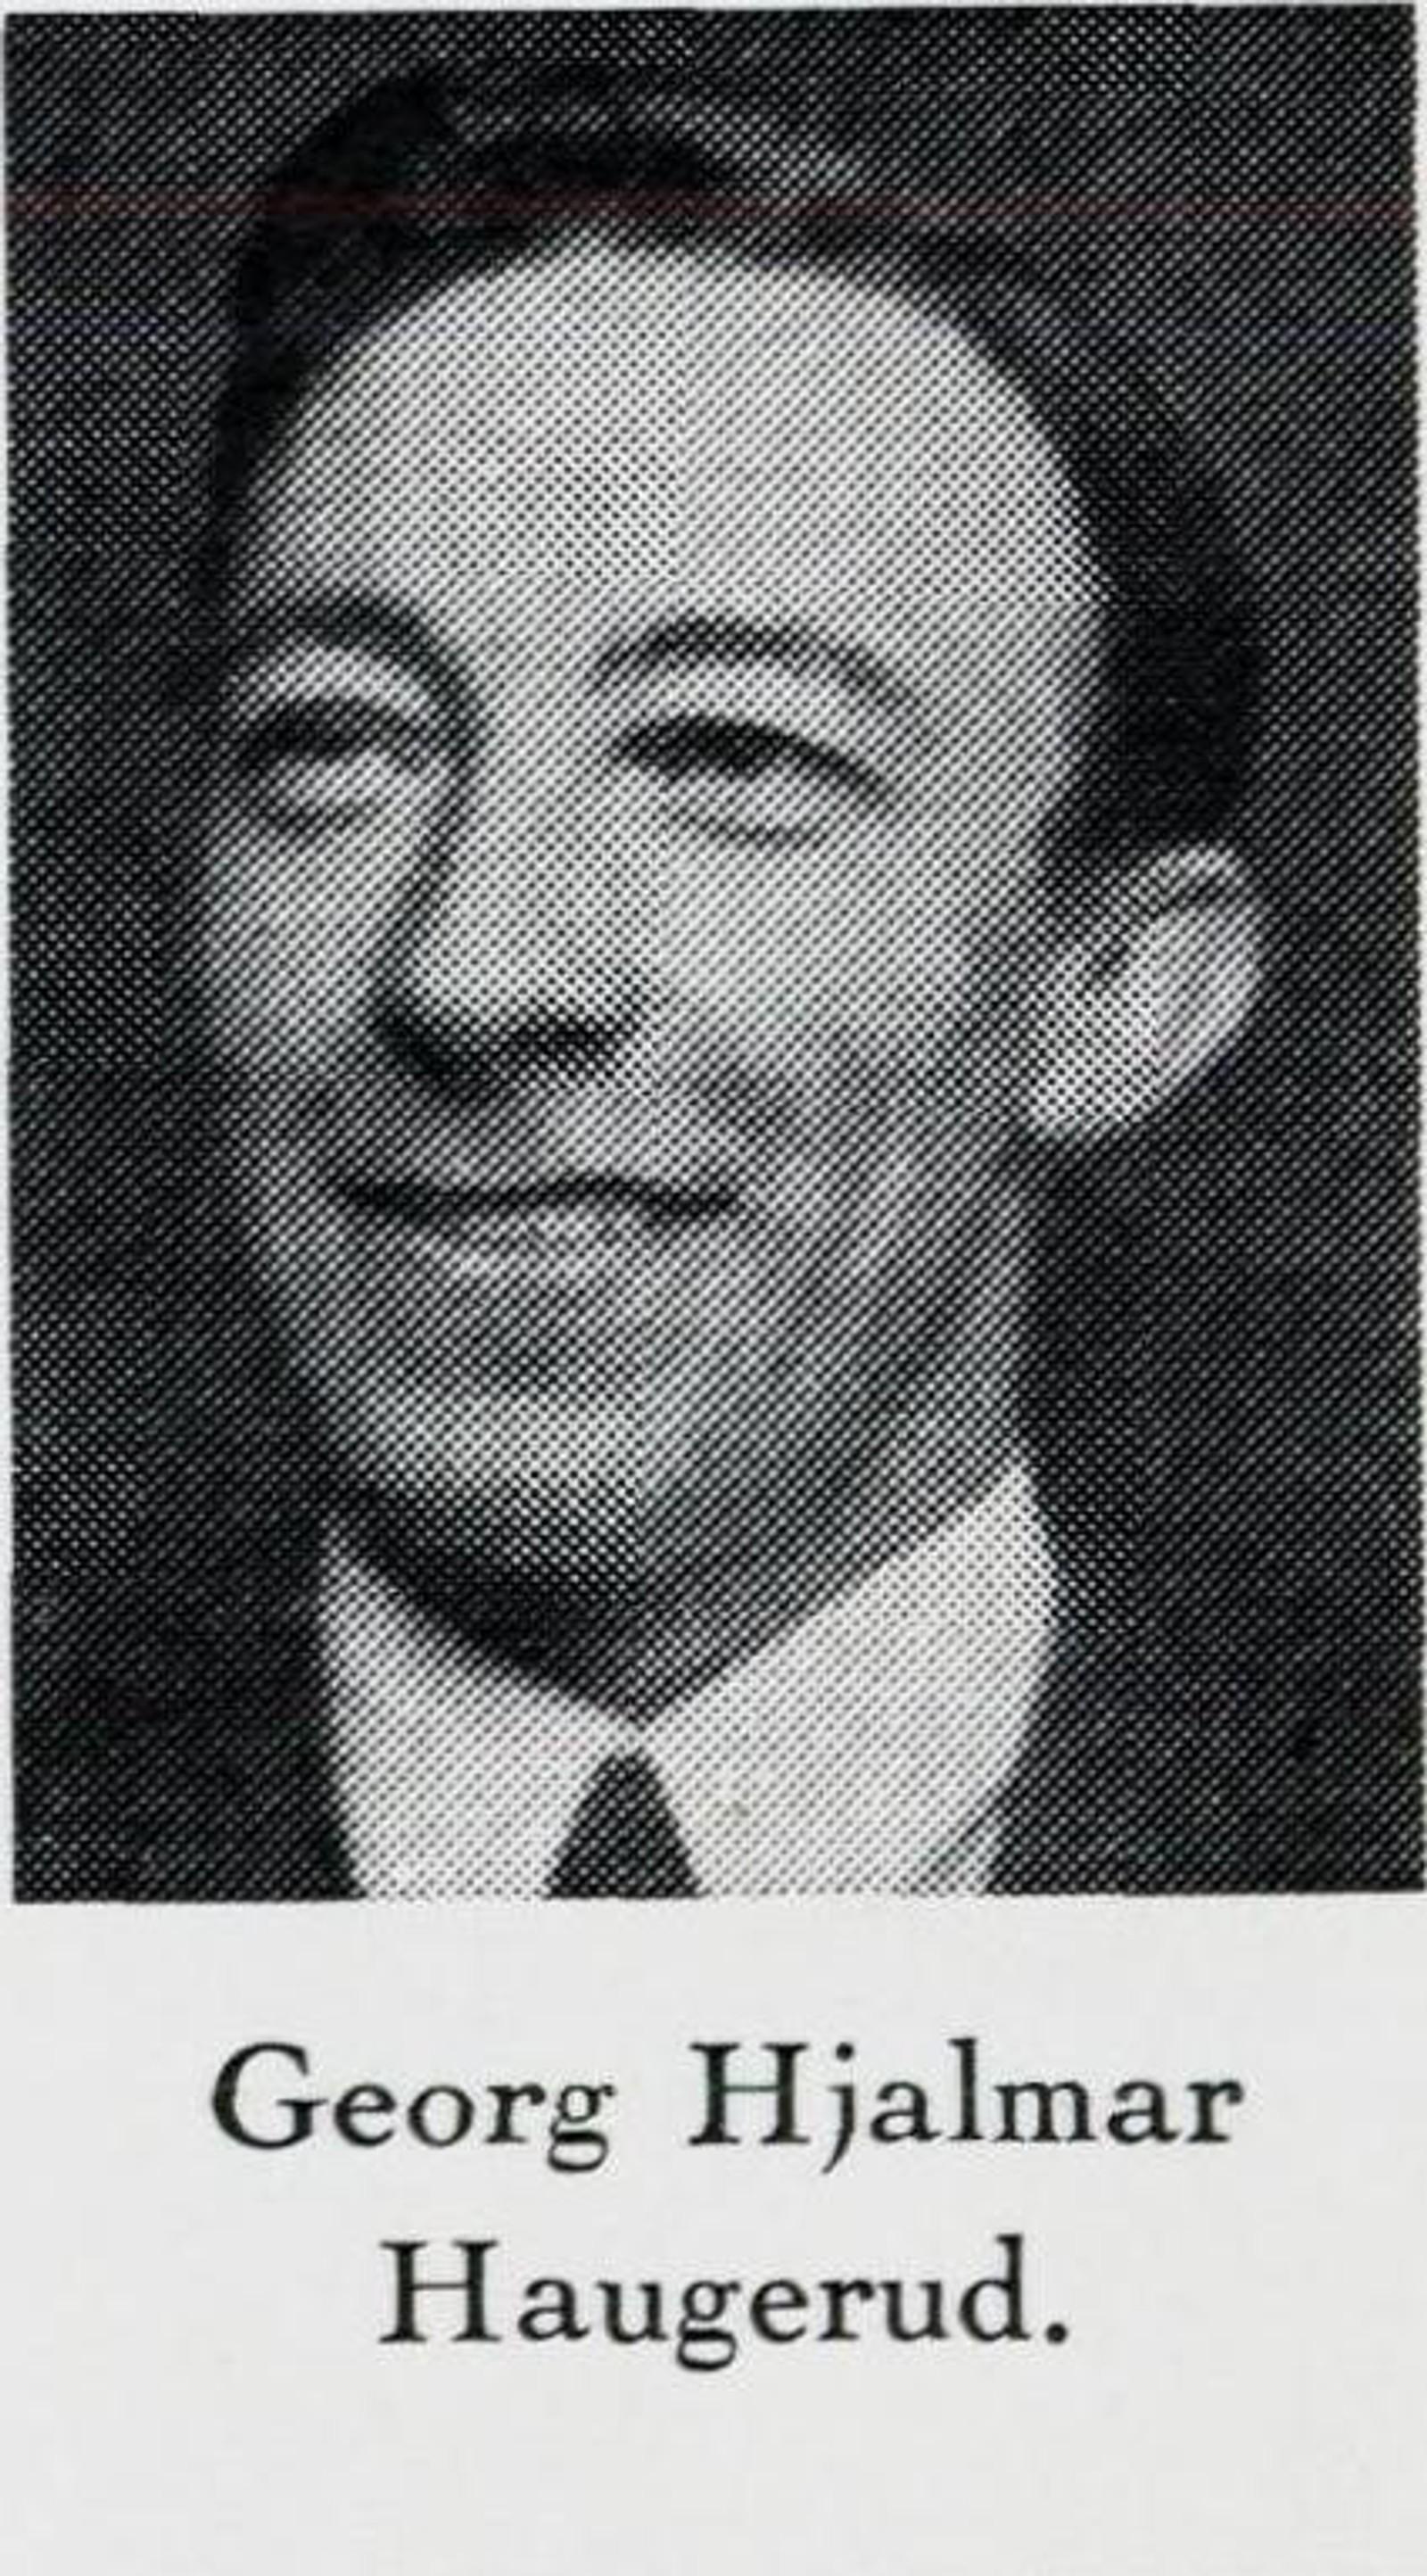 Georg Hjalmar Haugerud: Vaktmester, bodde i Oslo. Var med i kampene og ble såret under bombinga av Elverum. Ble lagt inn på sjukehus og døde 25.april 1940.